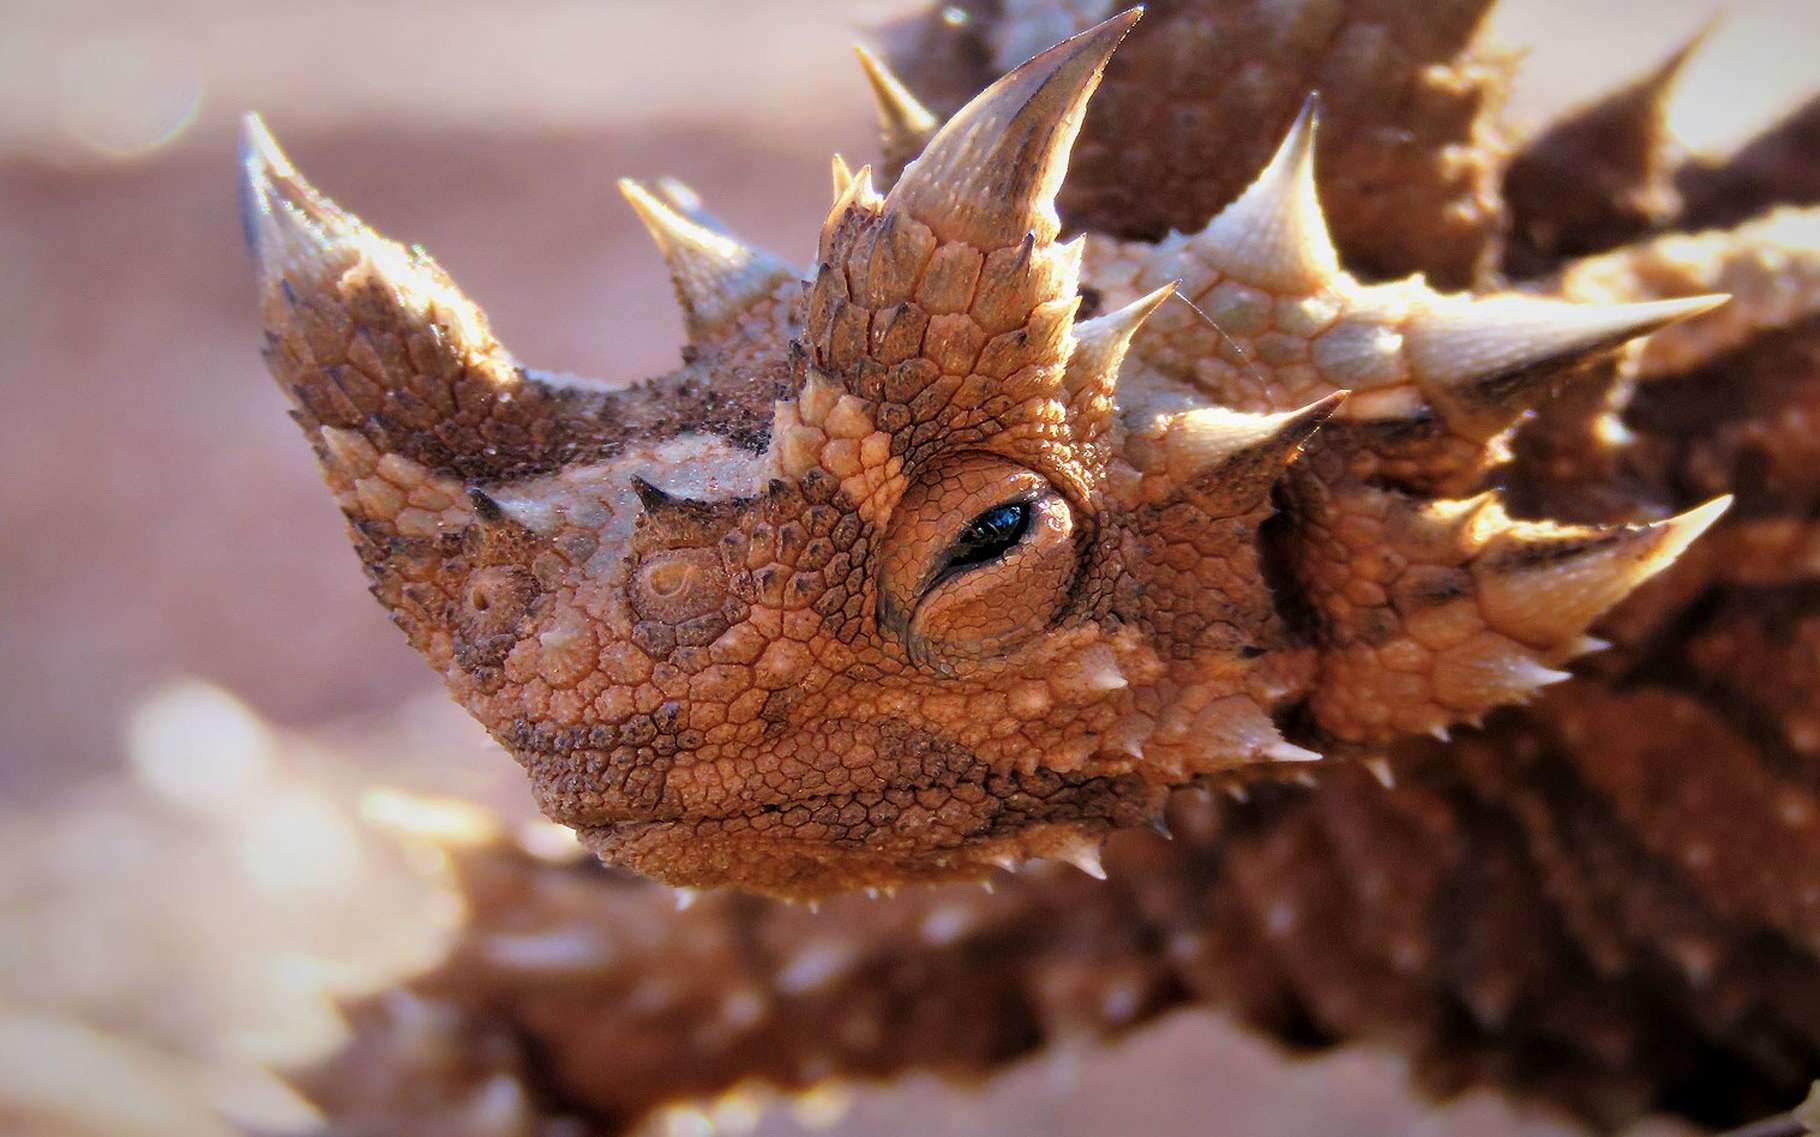 Au palmarès des animaux étranges qui nous fascinent, le diable cornu — que les scientifiques appellent plus volontiers Moloch horridus — arrive en bonne position. C'est un saurien qui vit dans le désert australien. Il ne mesure pas plus de 20 centimètres et les femelles — les plus grosses — ne pèsent même pas 100 grammes. La couleur de son corps lui permet de parfaitement se camoufler dans le sable et les épines qui le recouvrent, d'éloigner les prédateurs.Il intéresse les chercheurs, car il est capable pour boire à sa soif, de capter l'humidité de l'air en faisant couler des gouttelettes entre ses écailles et jusqu'à sa bouche, mais aussi jusqu'à sa peau. Un exemple peut-être à mimer pour mettre au point un système mécanique capable des mêmes prouesses. © M.c.c.1999, Wikimedia, CC by-SA 4.0